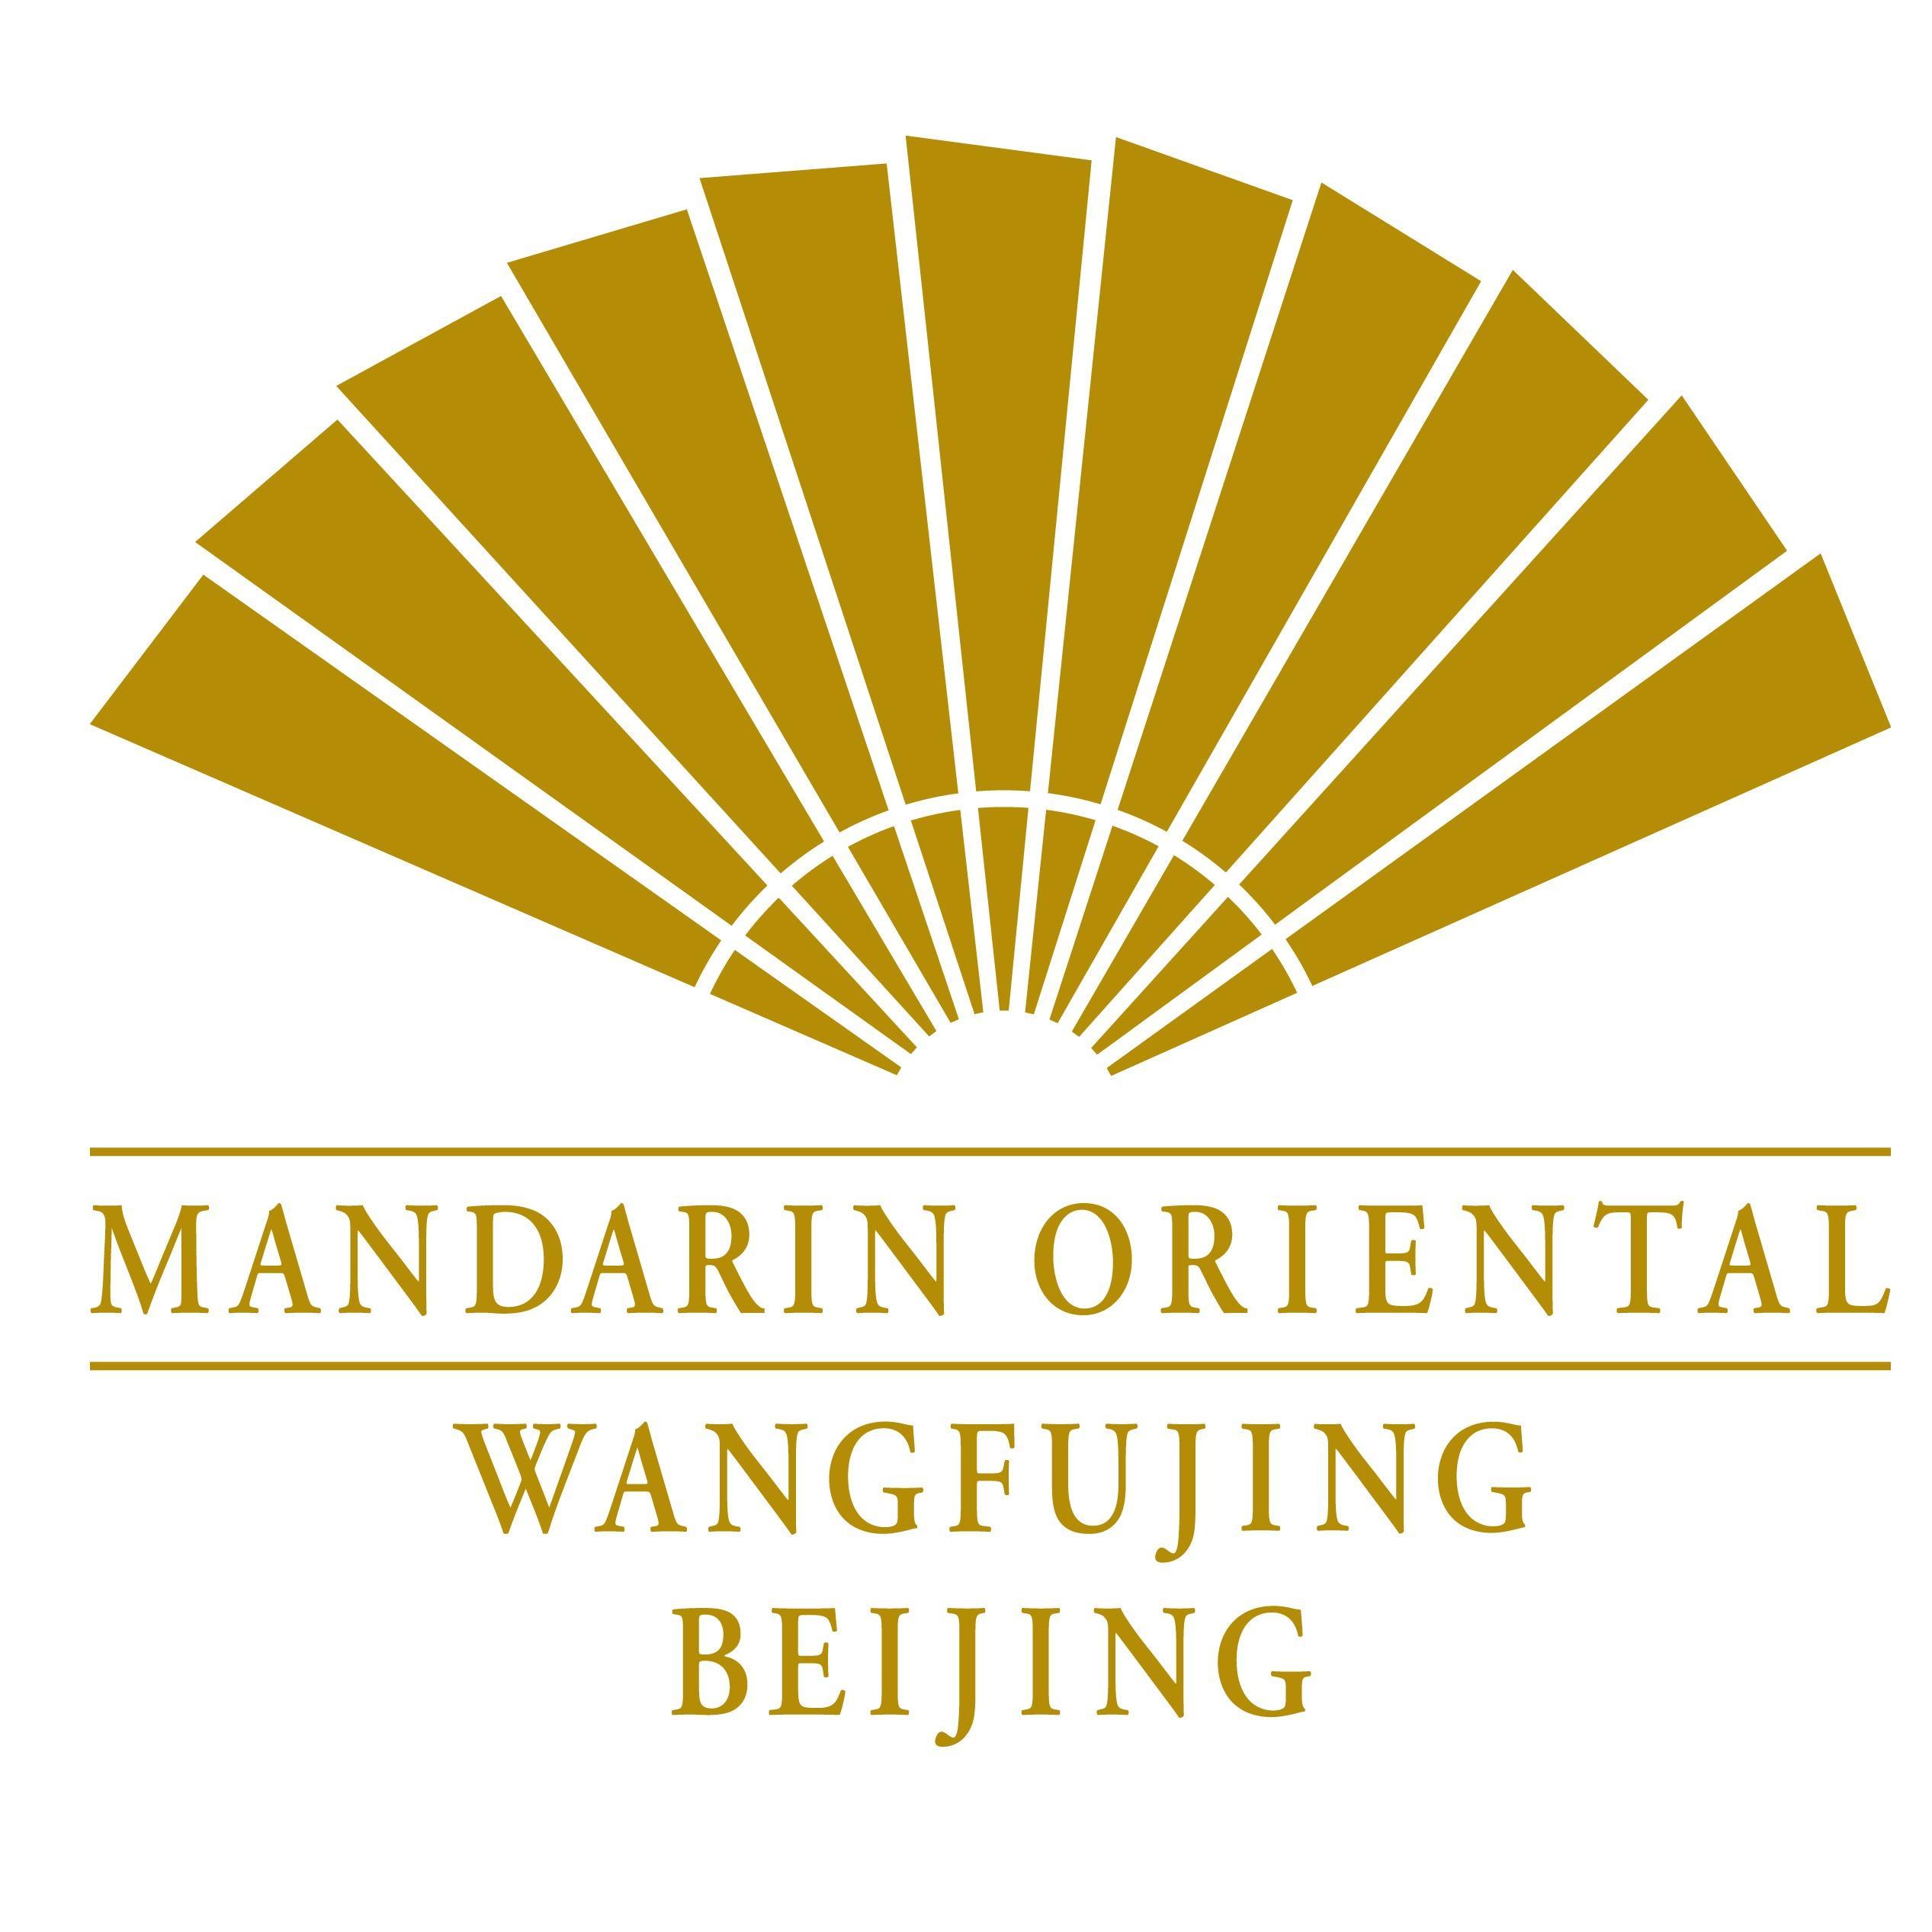 Mandarin Oriental Wangfujing, Beijing